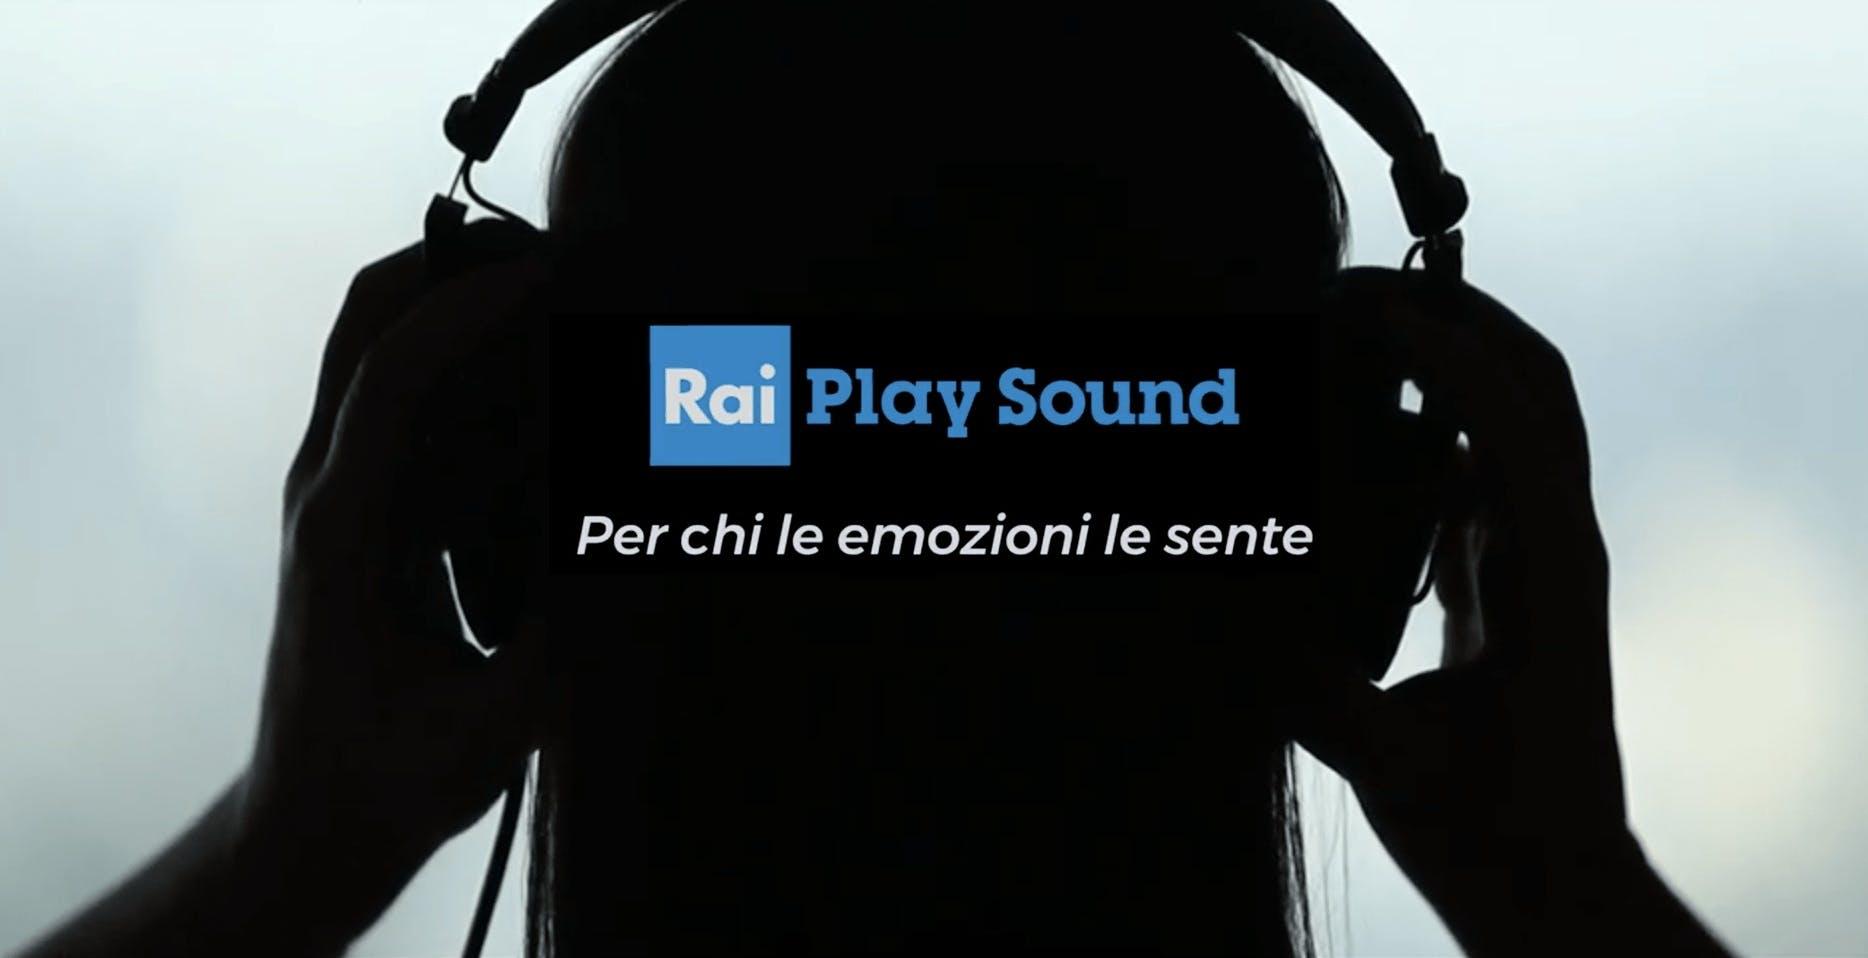 Nasce Rai Play Sound, la piattaforma per radio e podcast